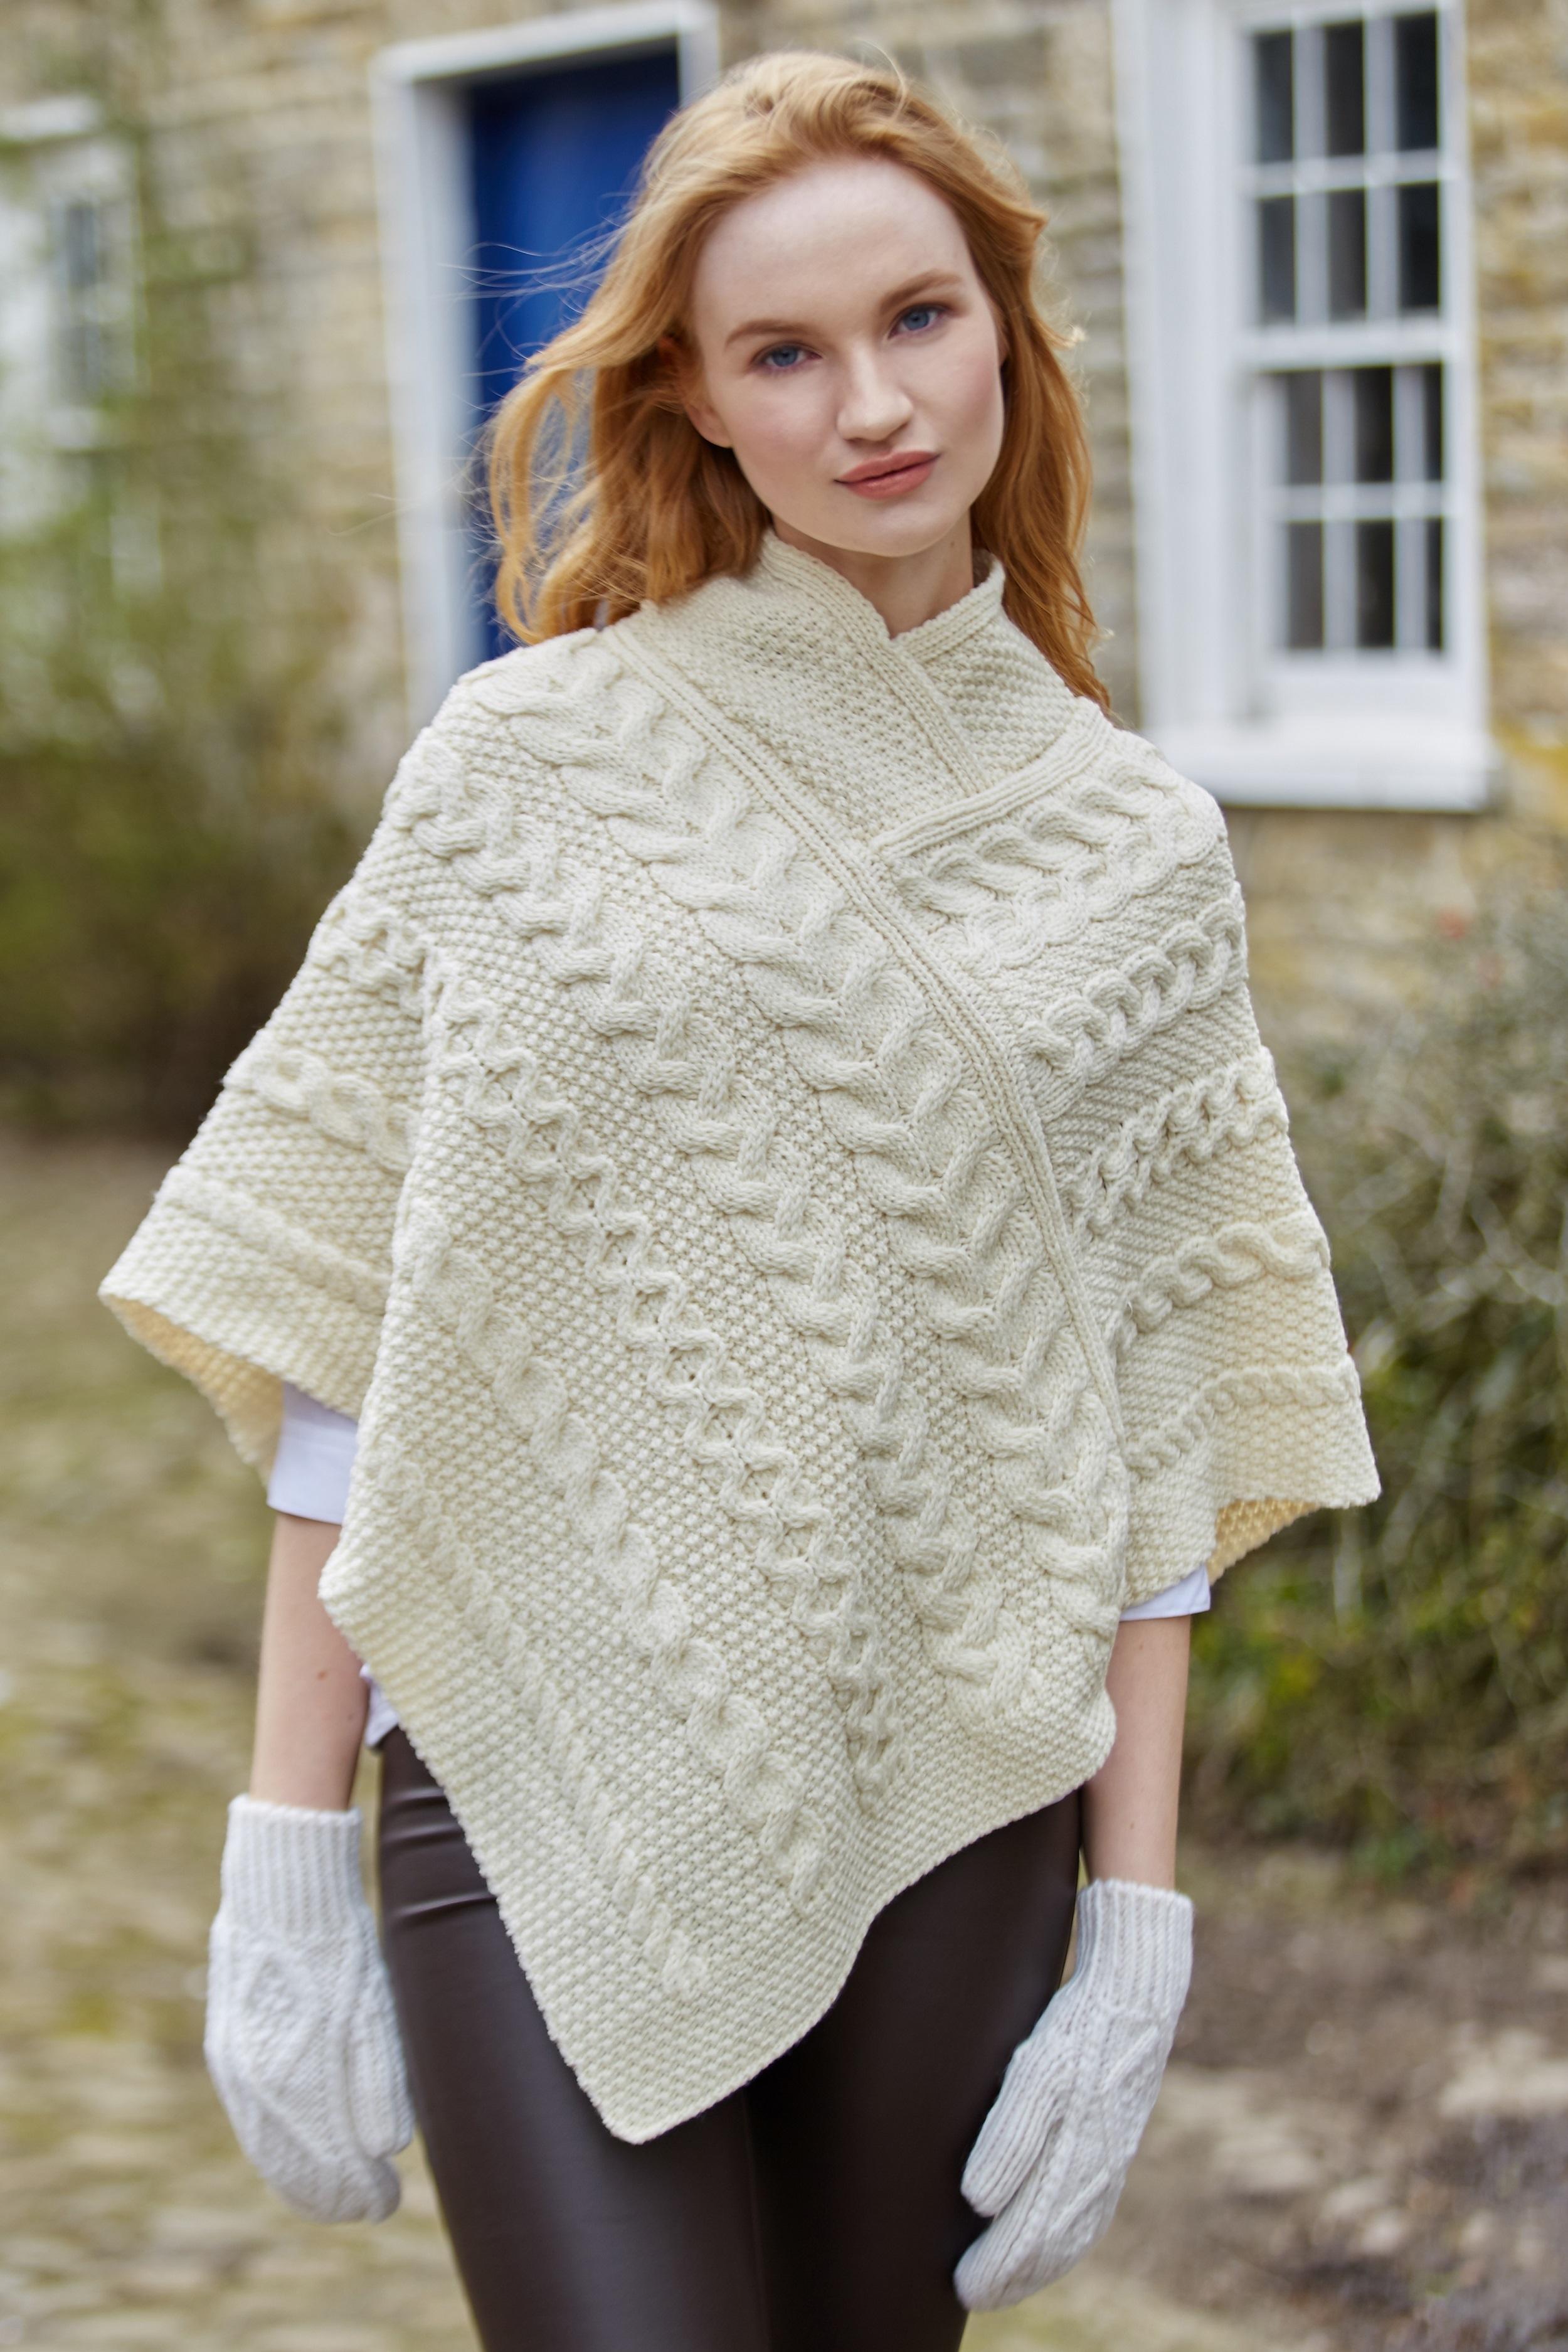 Relatively Irish Merino Ladies Aran Knit Poncho | eBay QI13